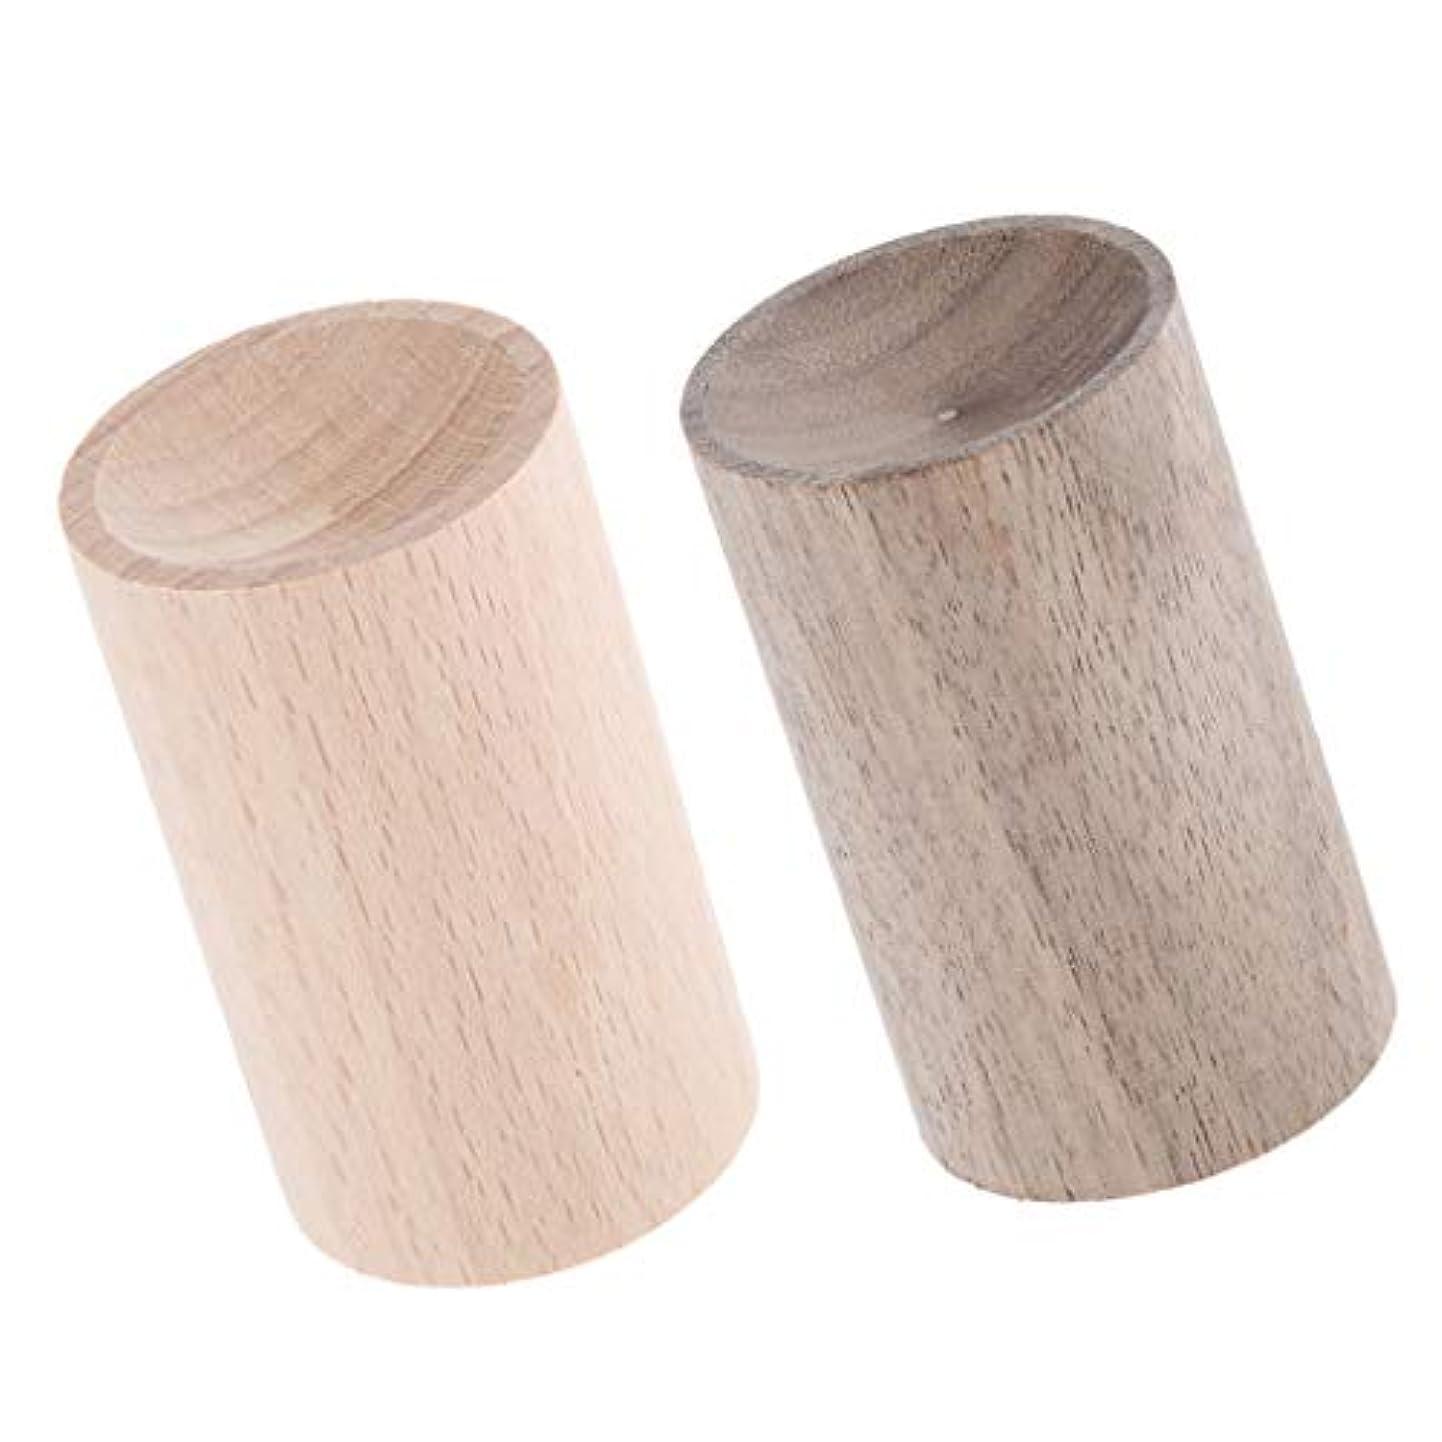 助手ジョージハンブリー刺すエッセンシャルオイルディフューザー 芳香剤 手作り 天然木 車、家、オフィス 贈り物 2個入